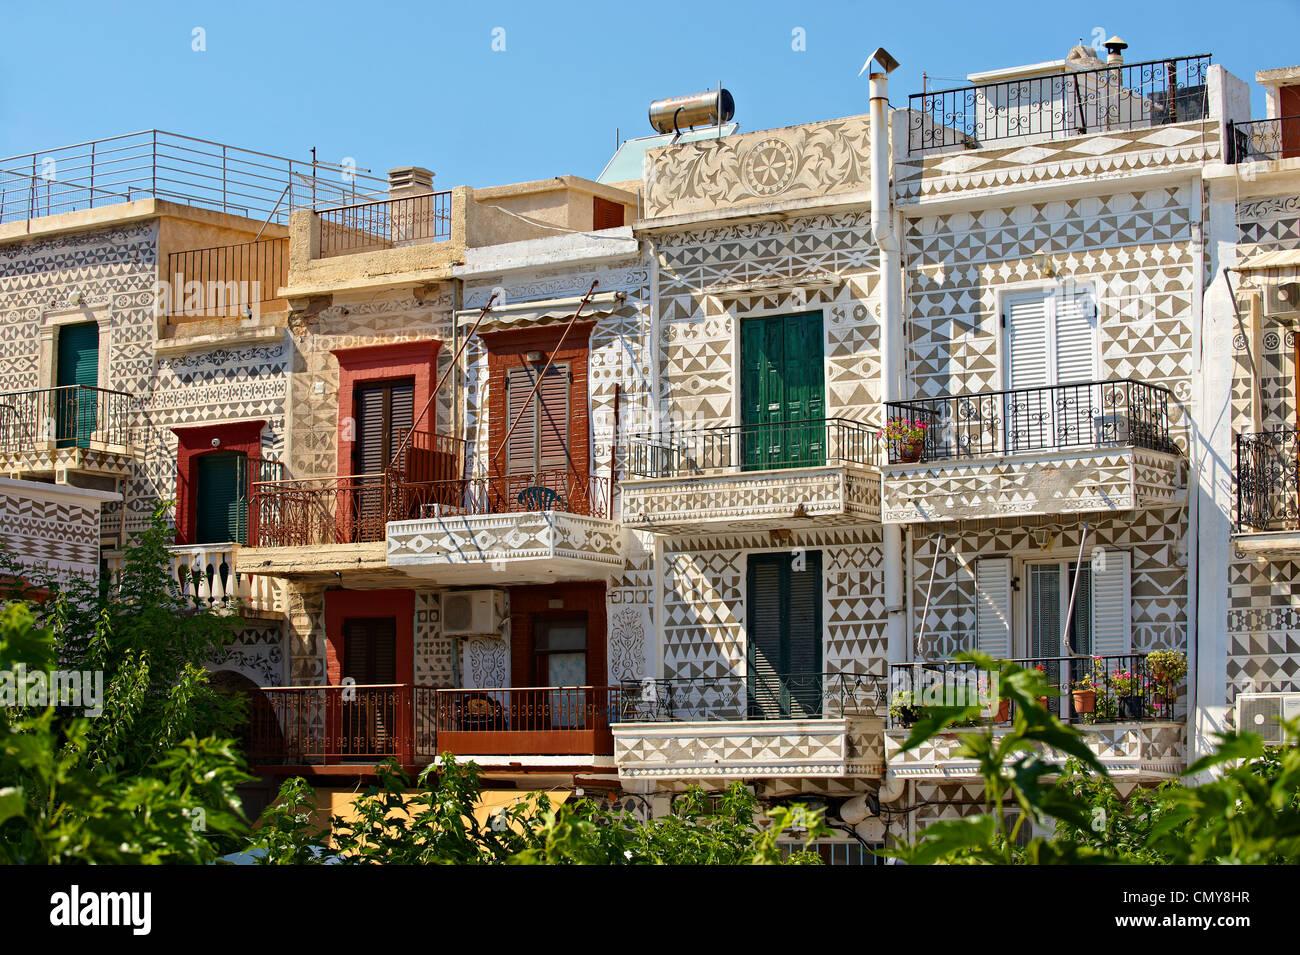 Xysta Dekorationen an den Häusern von Pygri, Mastix Dorf der südlichen Insel Chios, Griechenland Stockbild